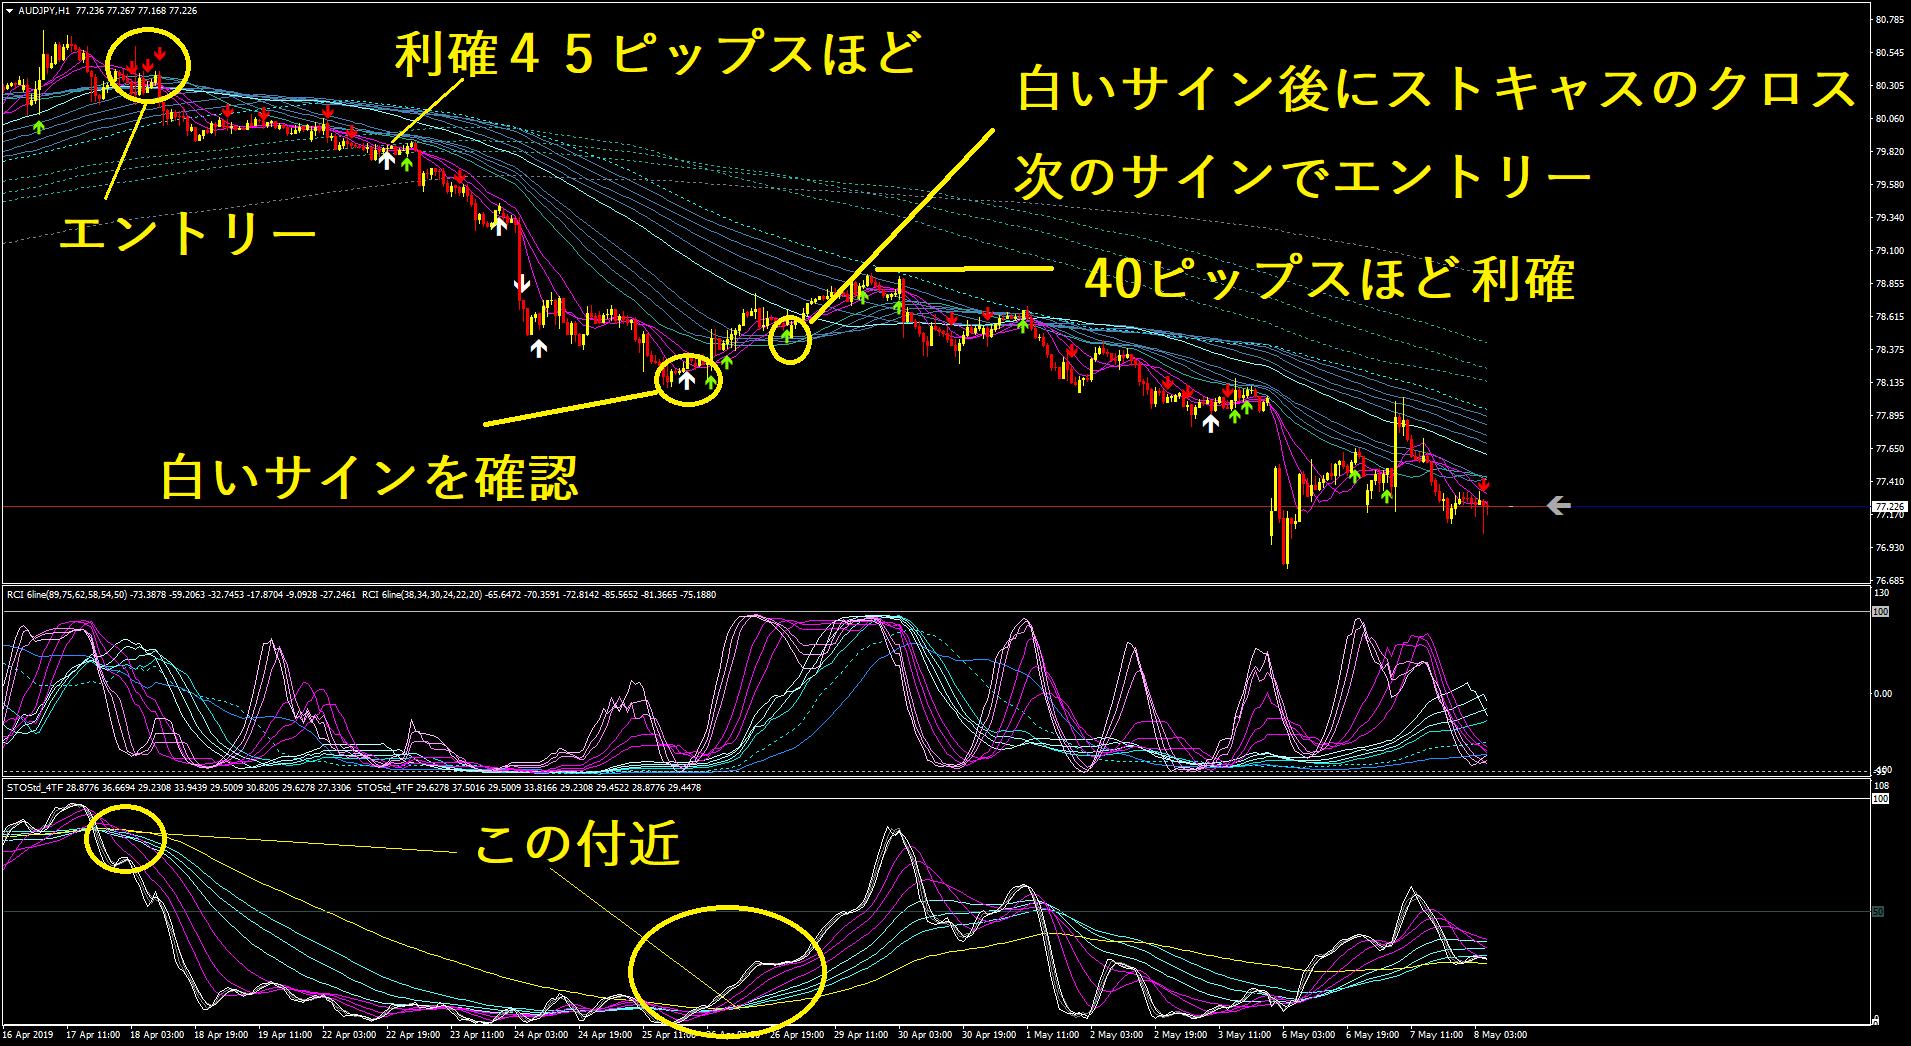 条件成立後のエントリーチャート